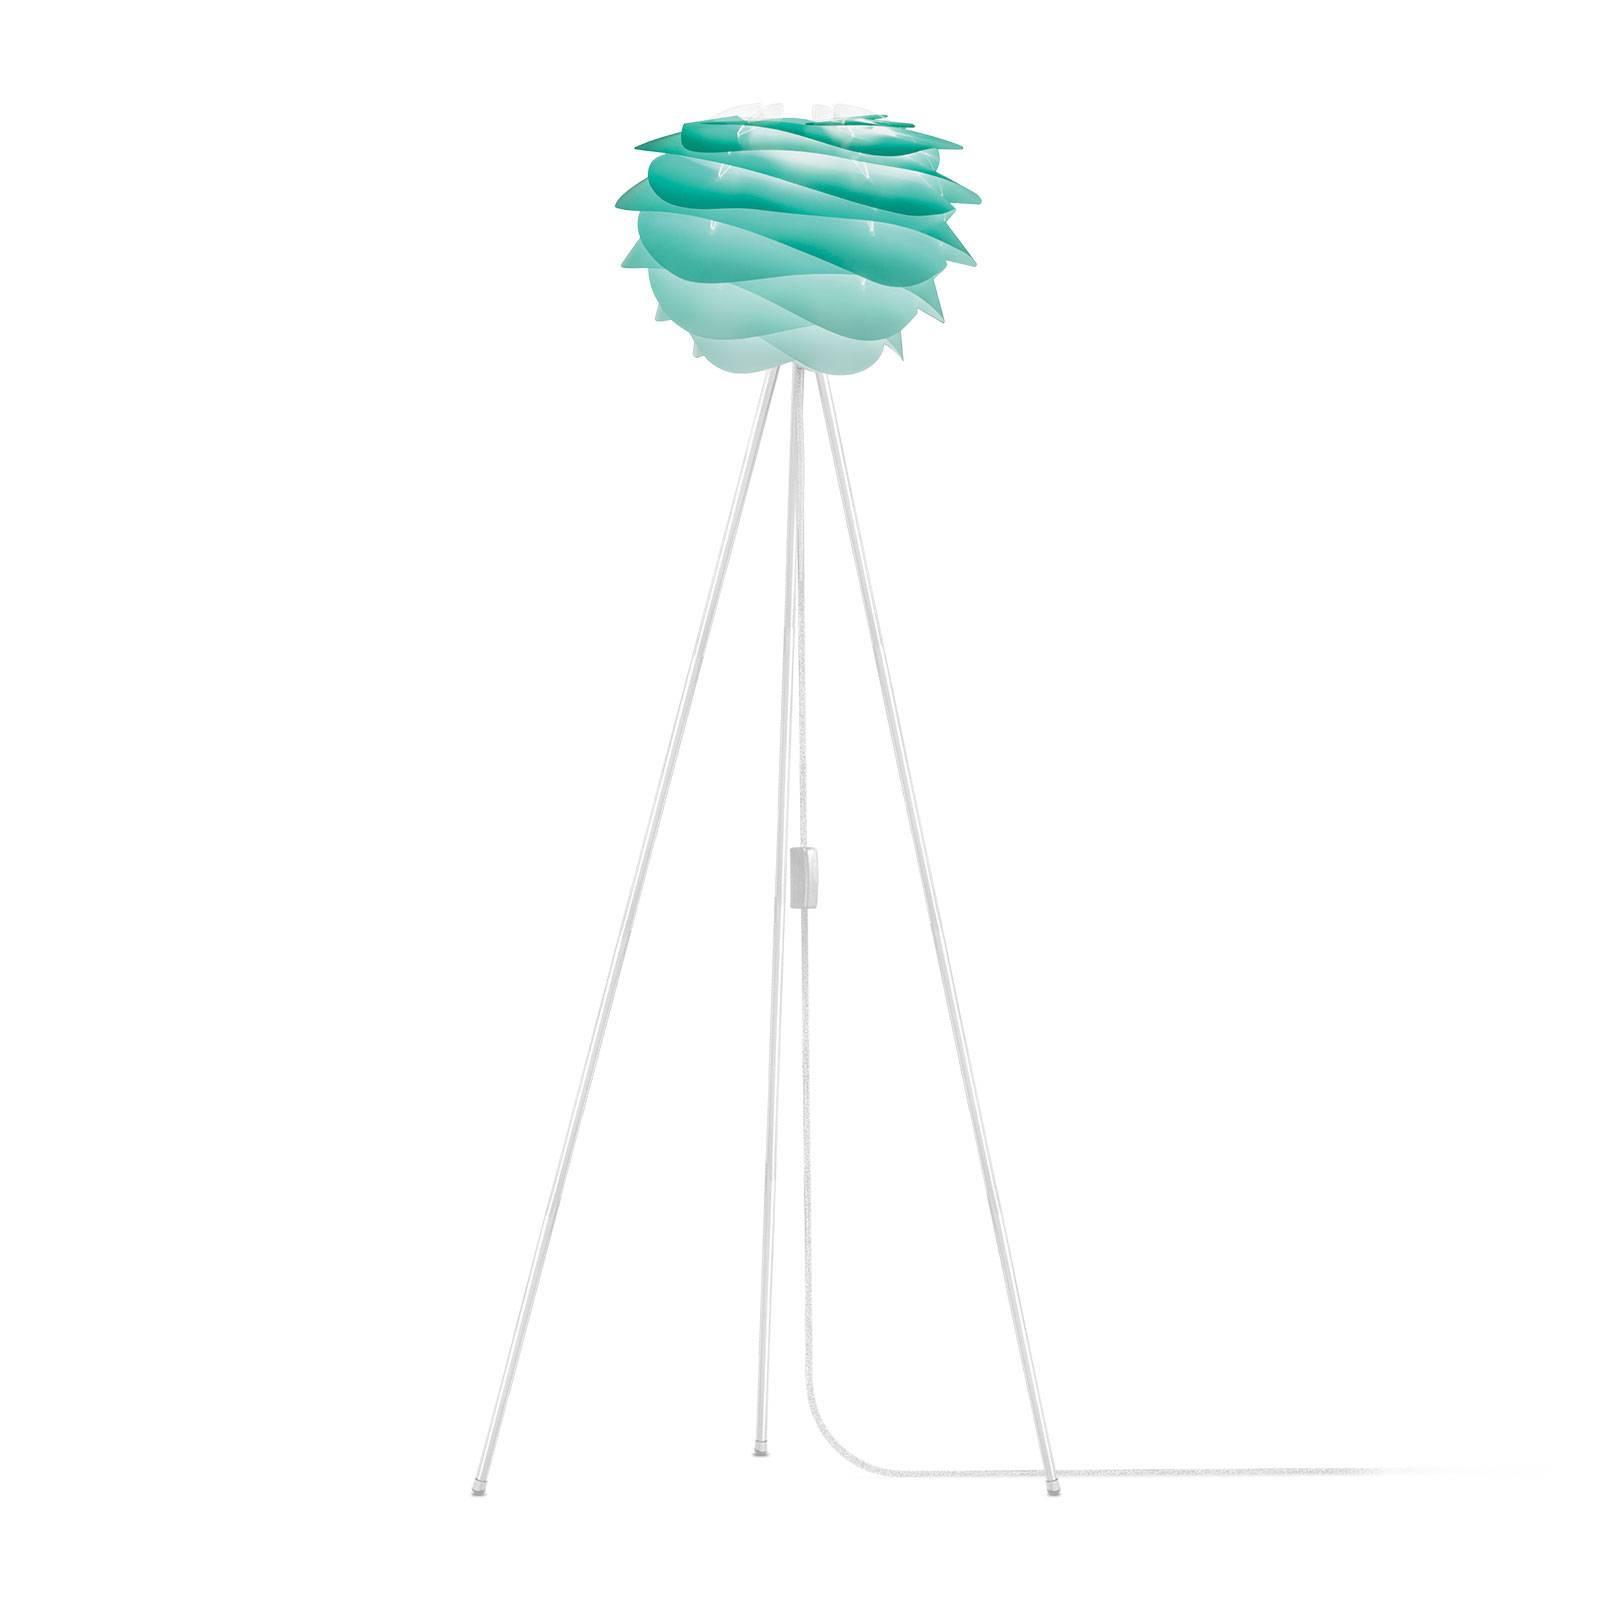 UMAGE Carmina Mini vloerlamp turquoise/tripod wit